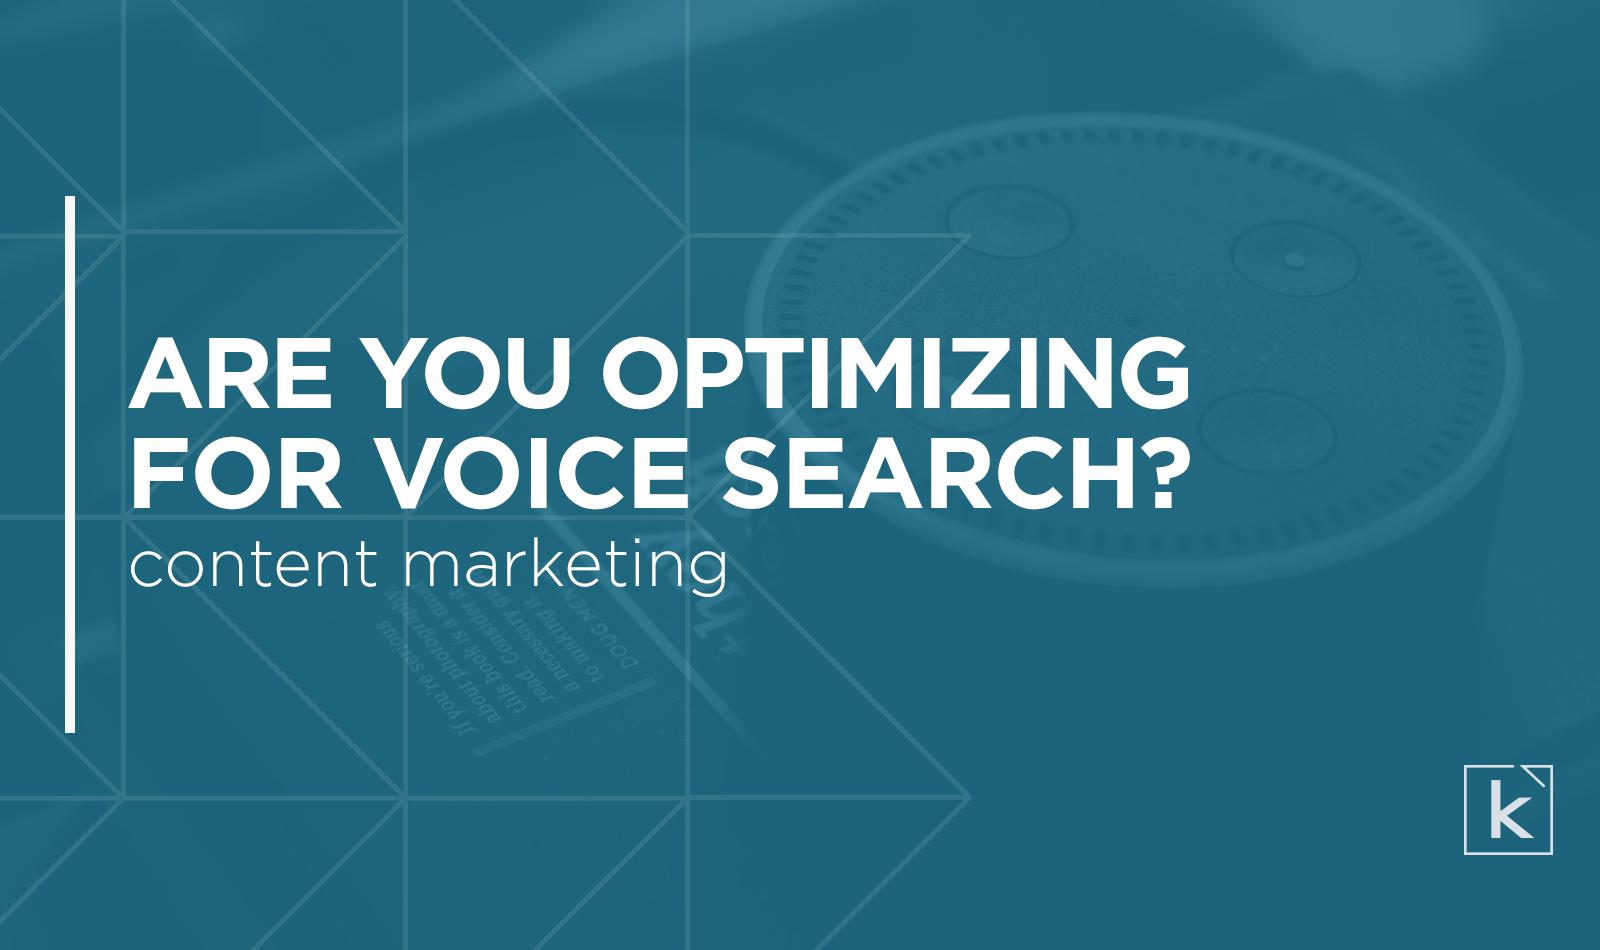 optimize-voice-search